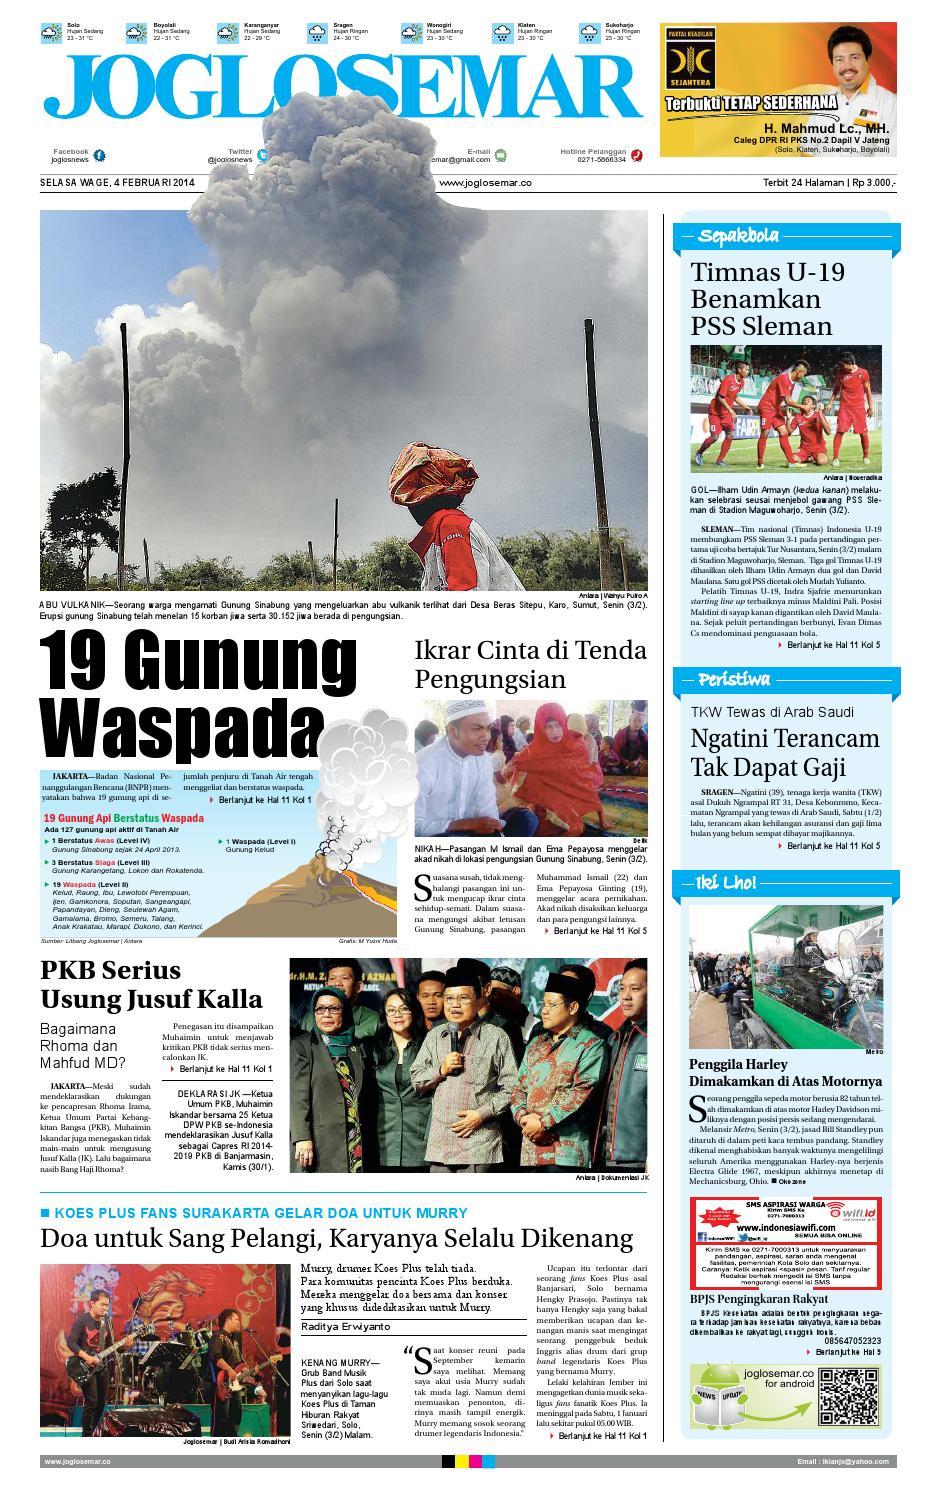 Epaper edisi 04 februari 2014 by PT Joglosemar Prima Media